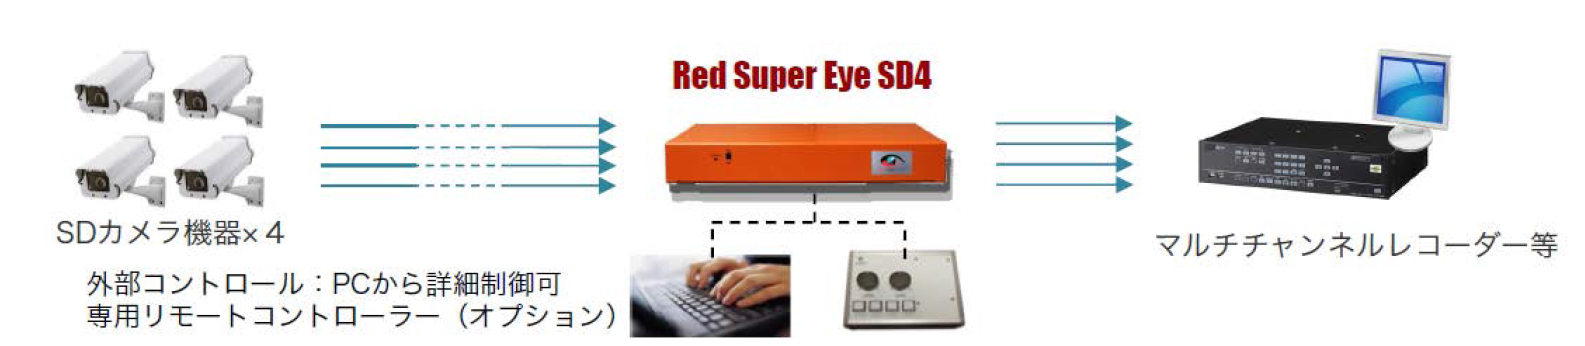 RSE-HDSD-N_2